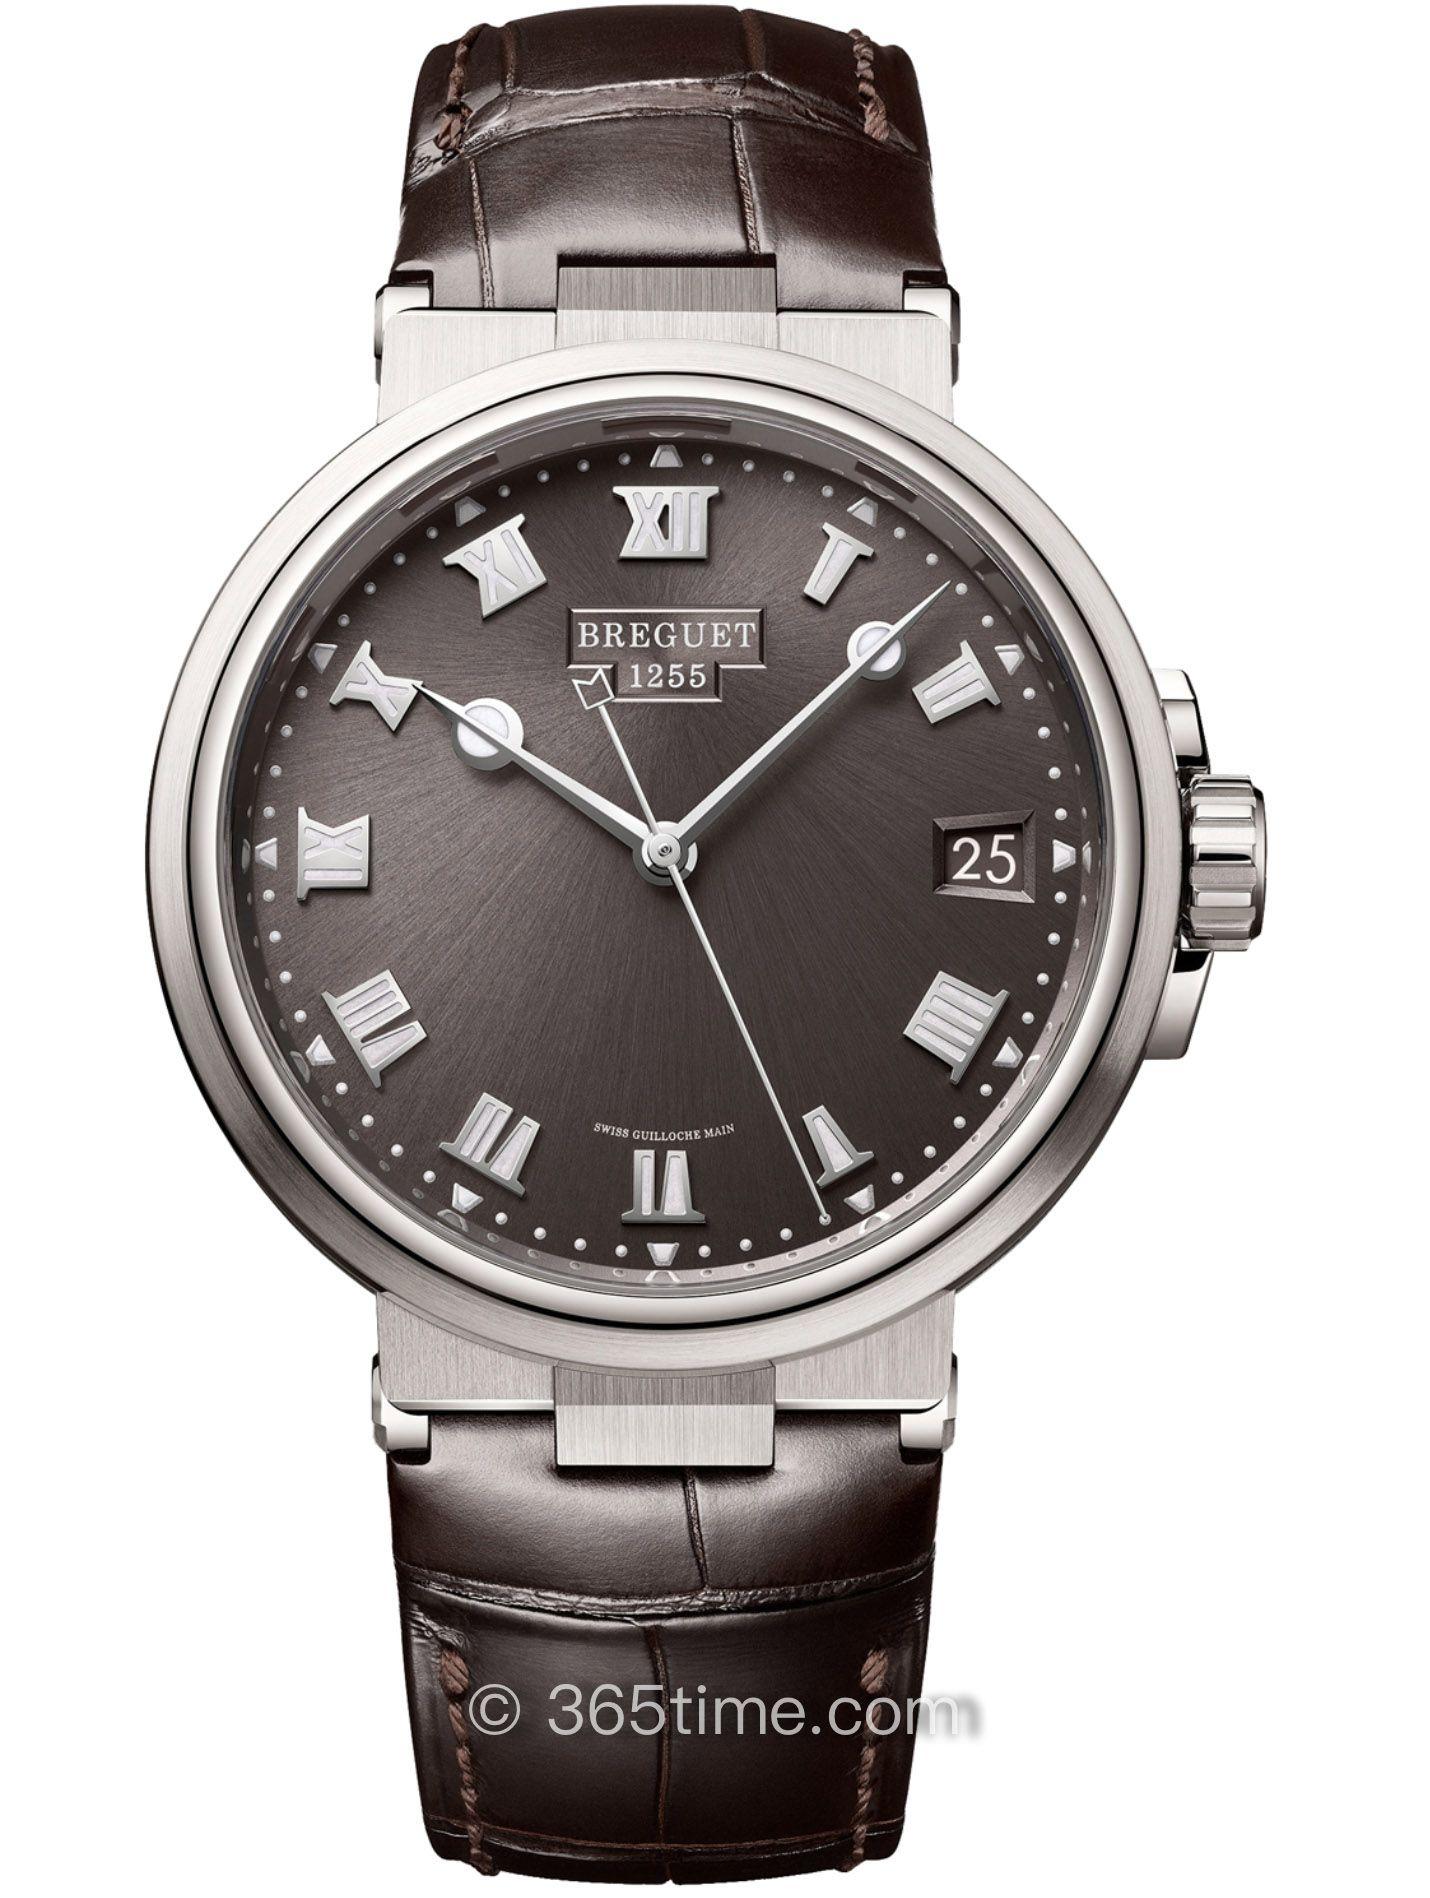 宝玑Marine航海系列5517TI/G2/9ZU钛金属自动上链手表